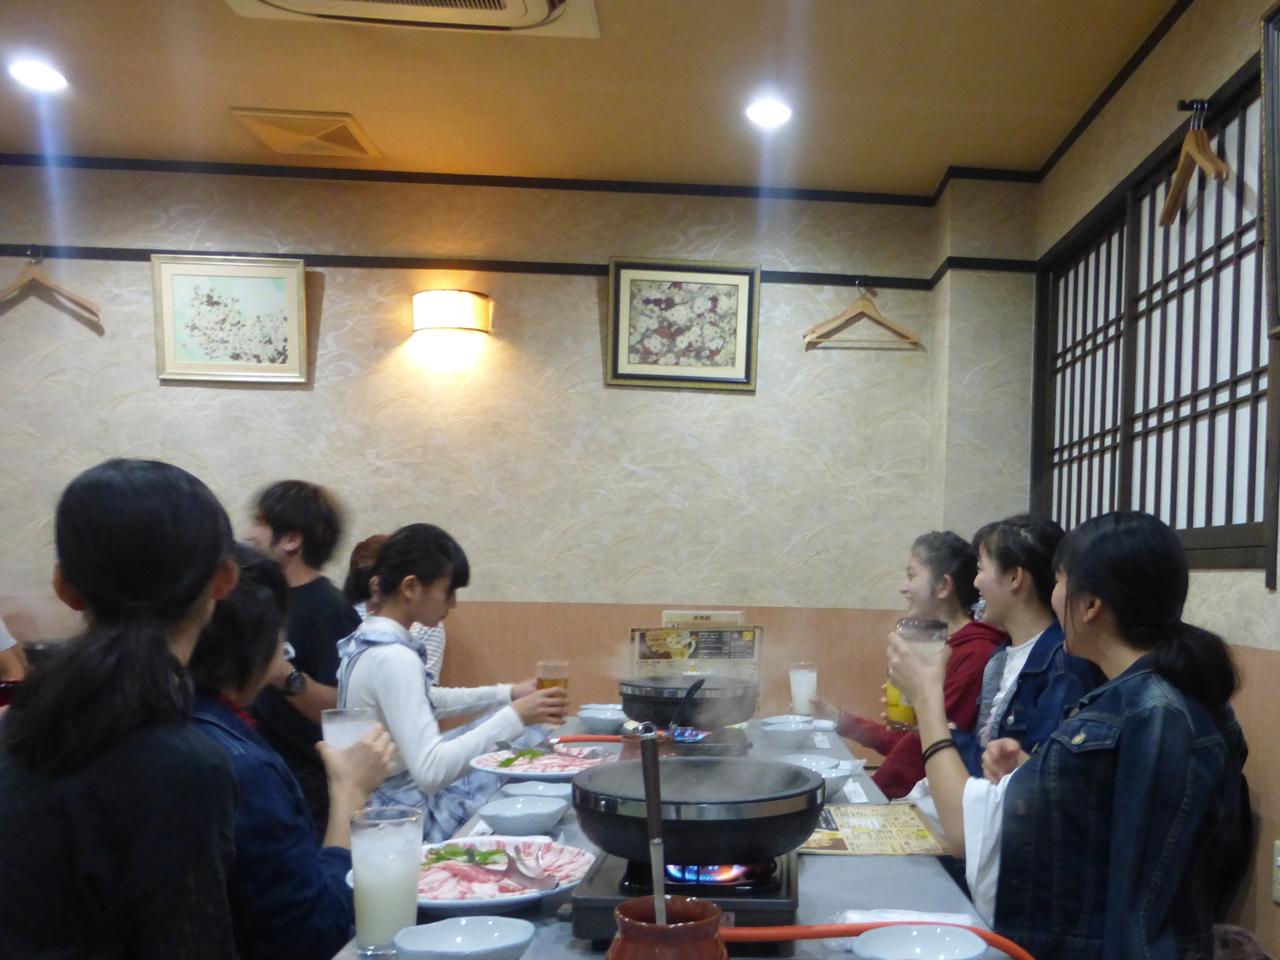 終始なごやかなムードで宴を楽しみました。<ばってん少女隊>